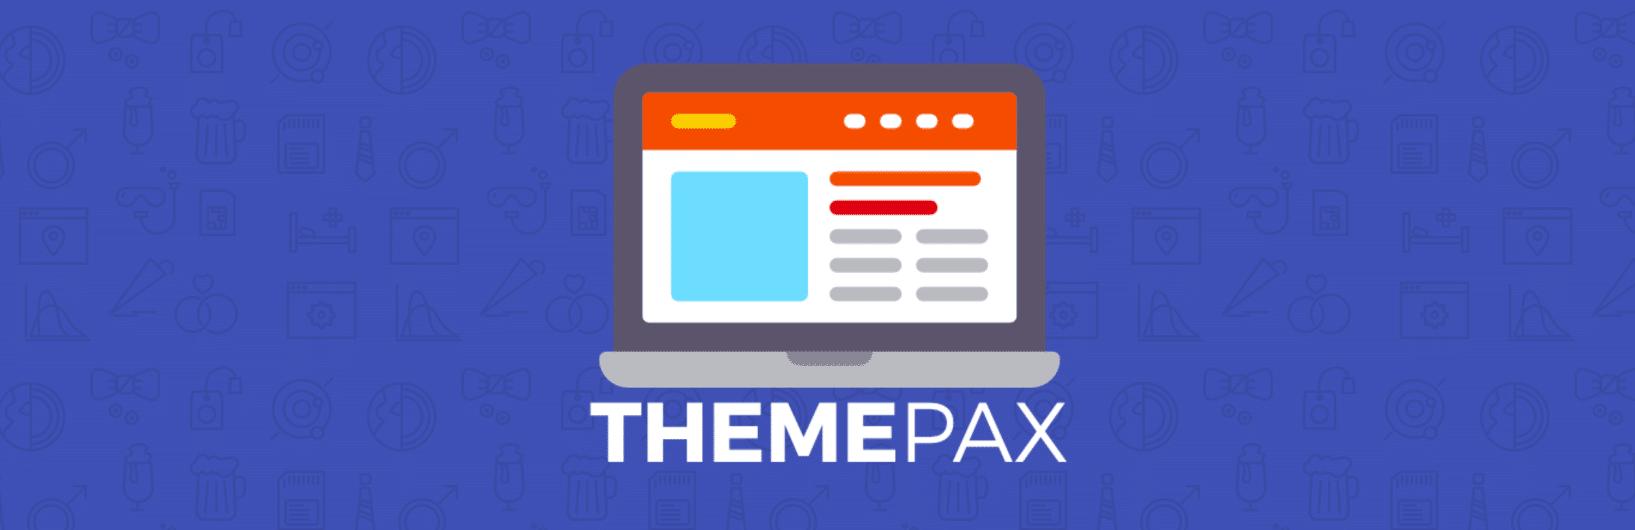 themepax